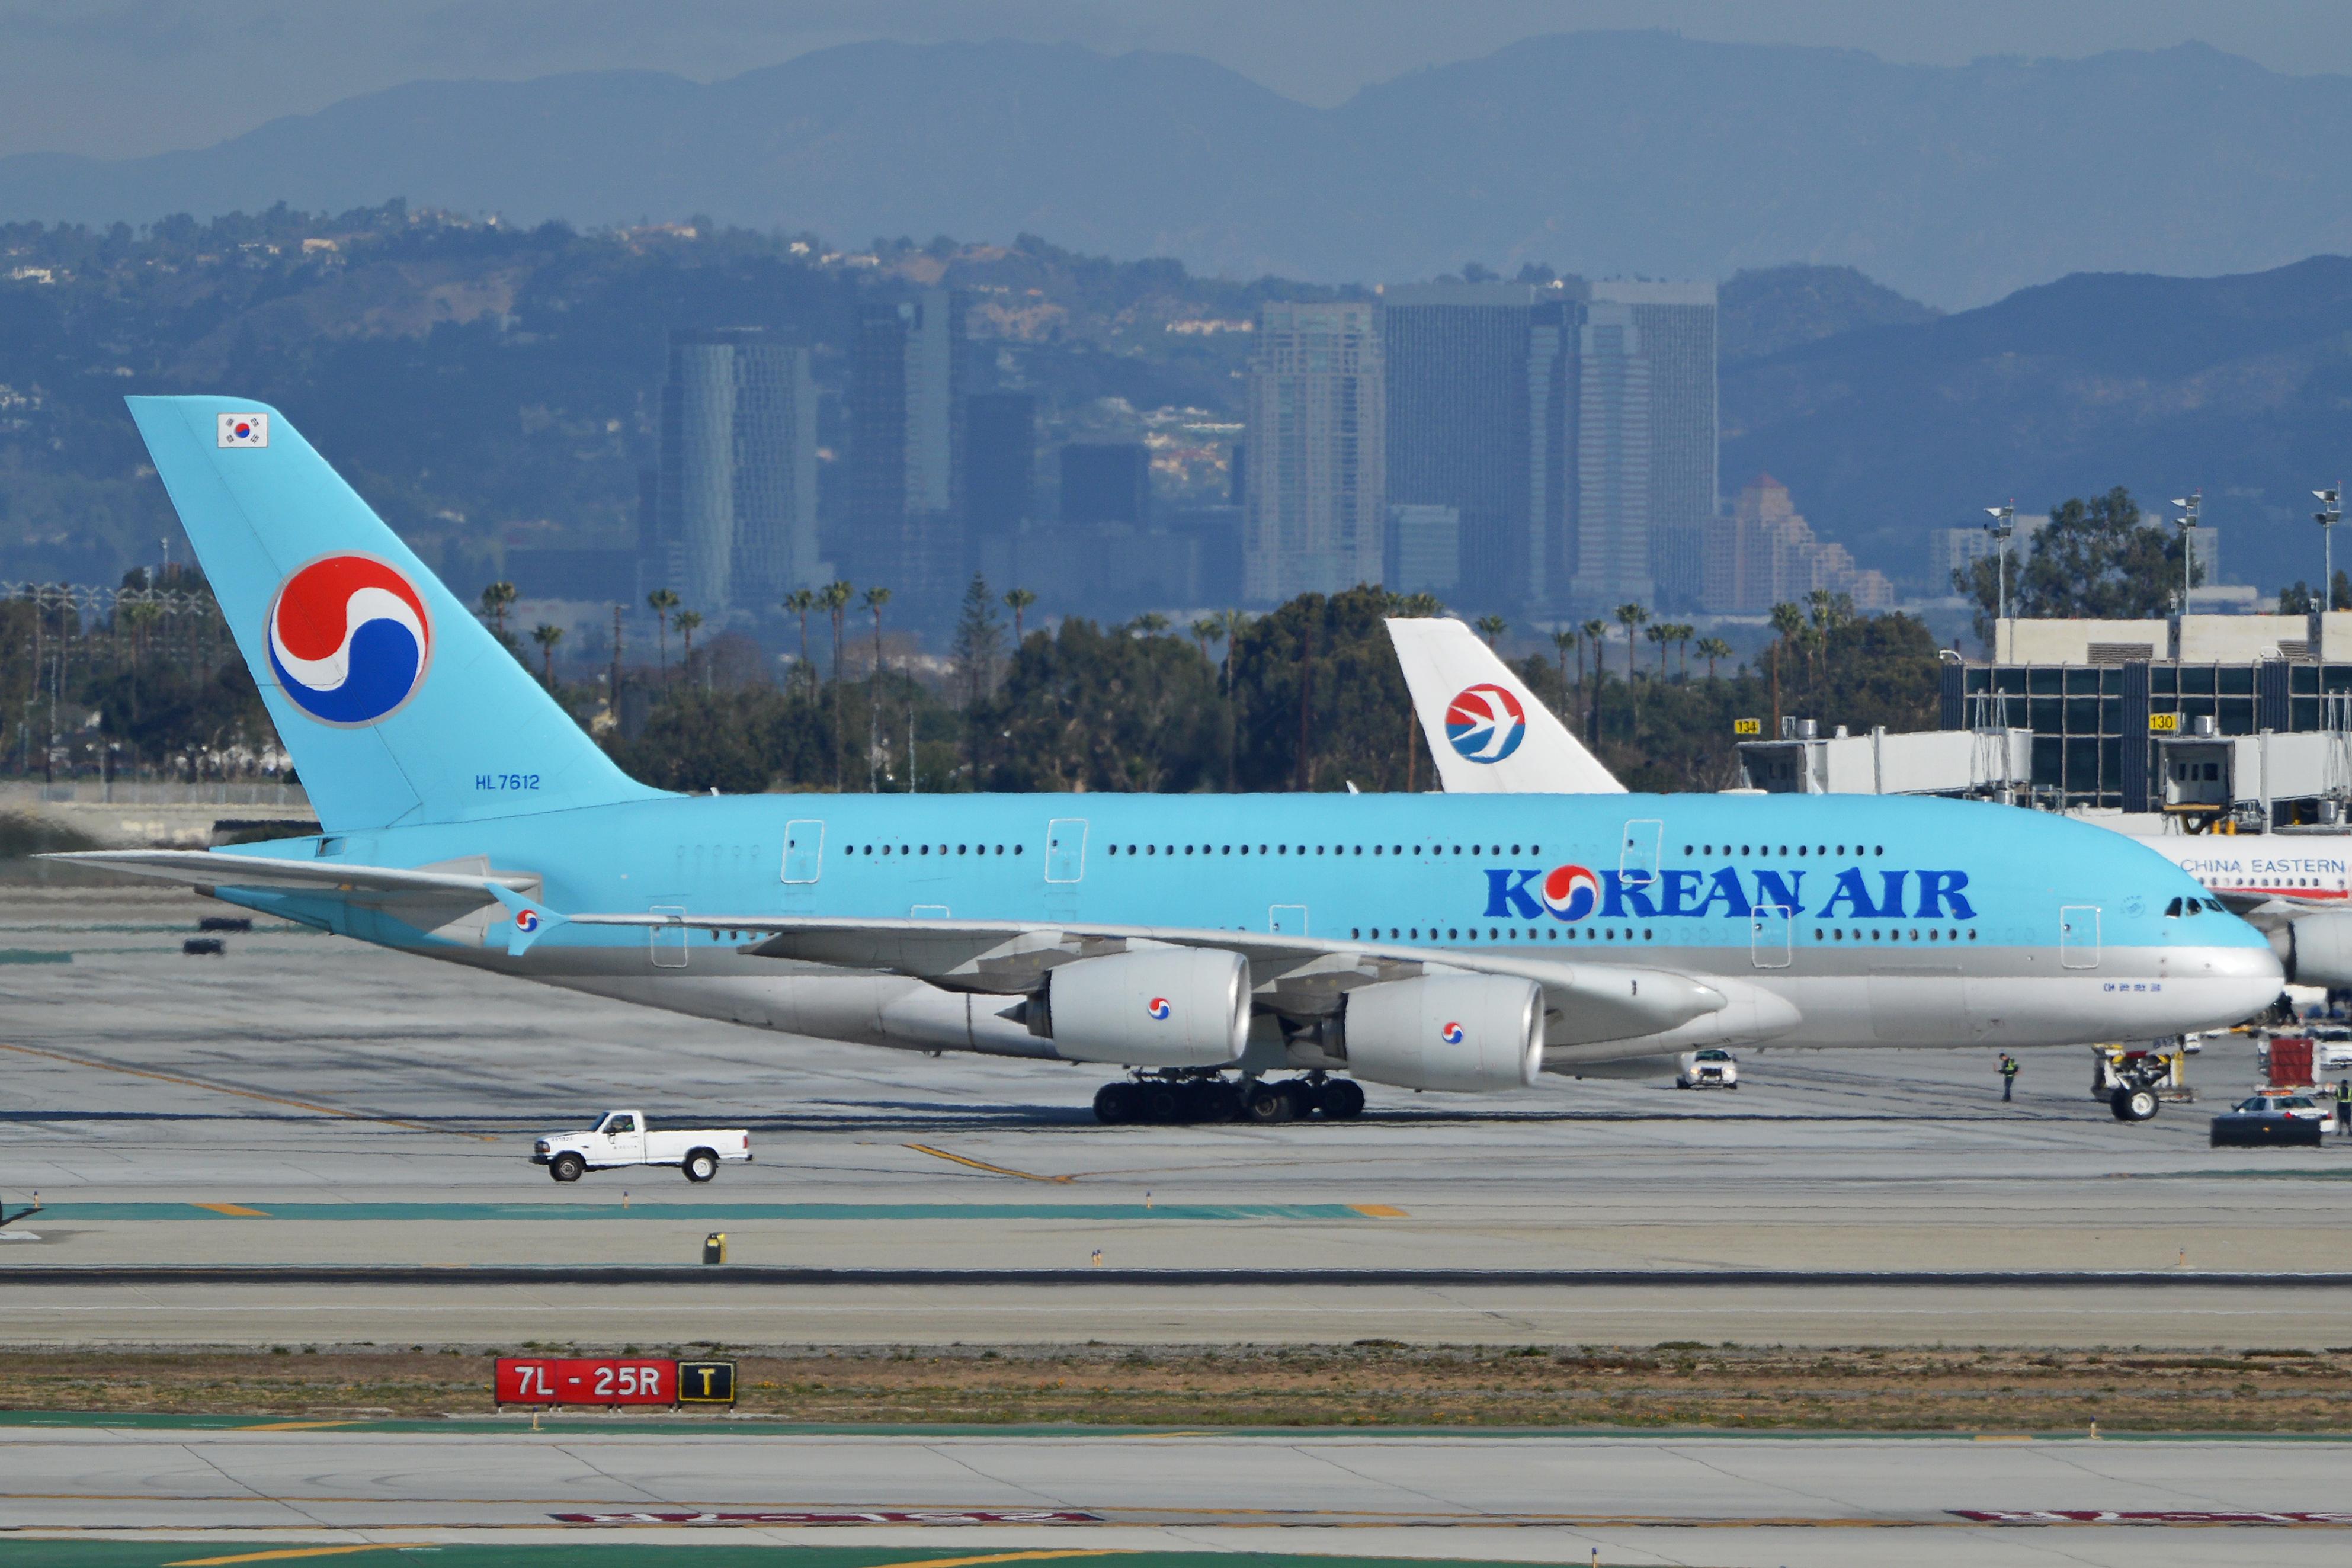 Korean Air T